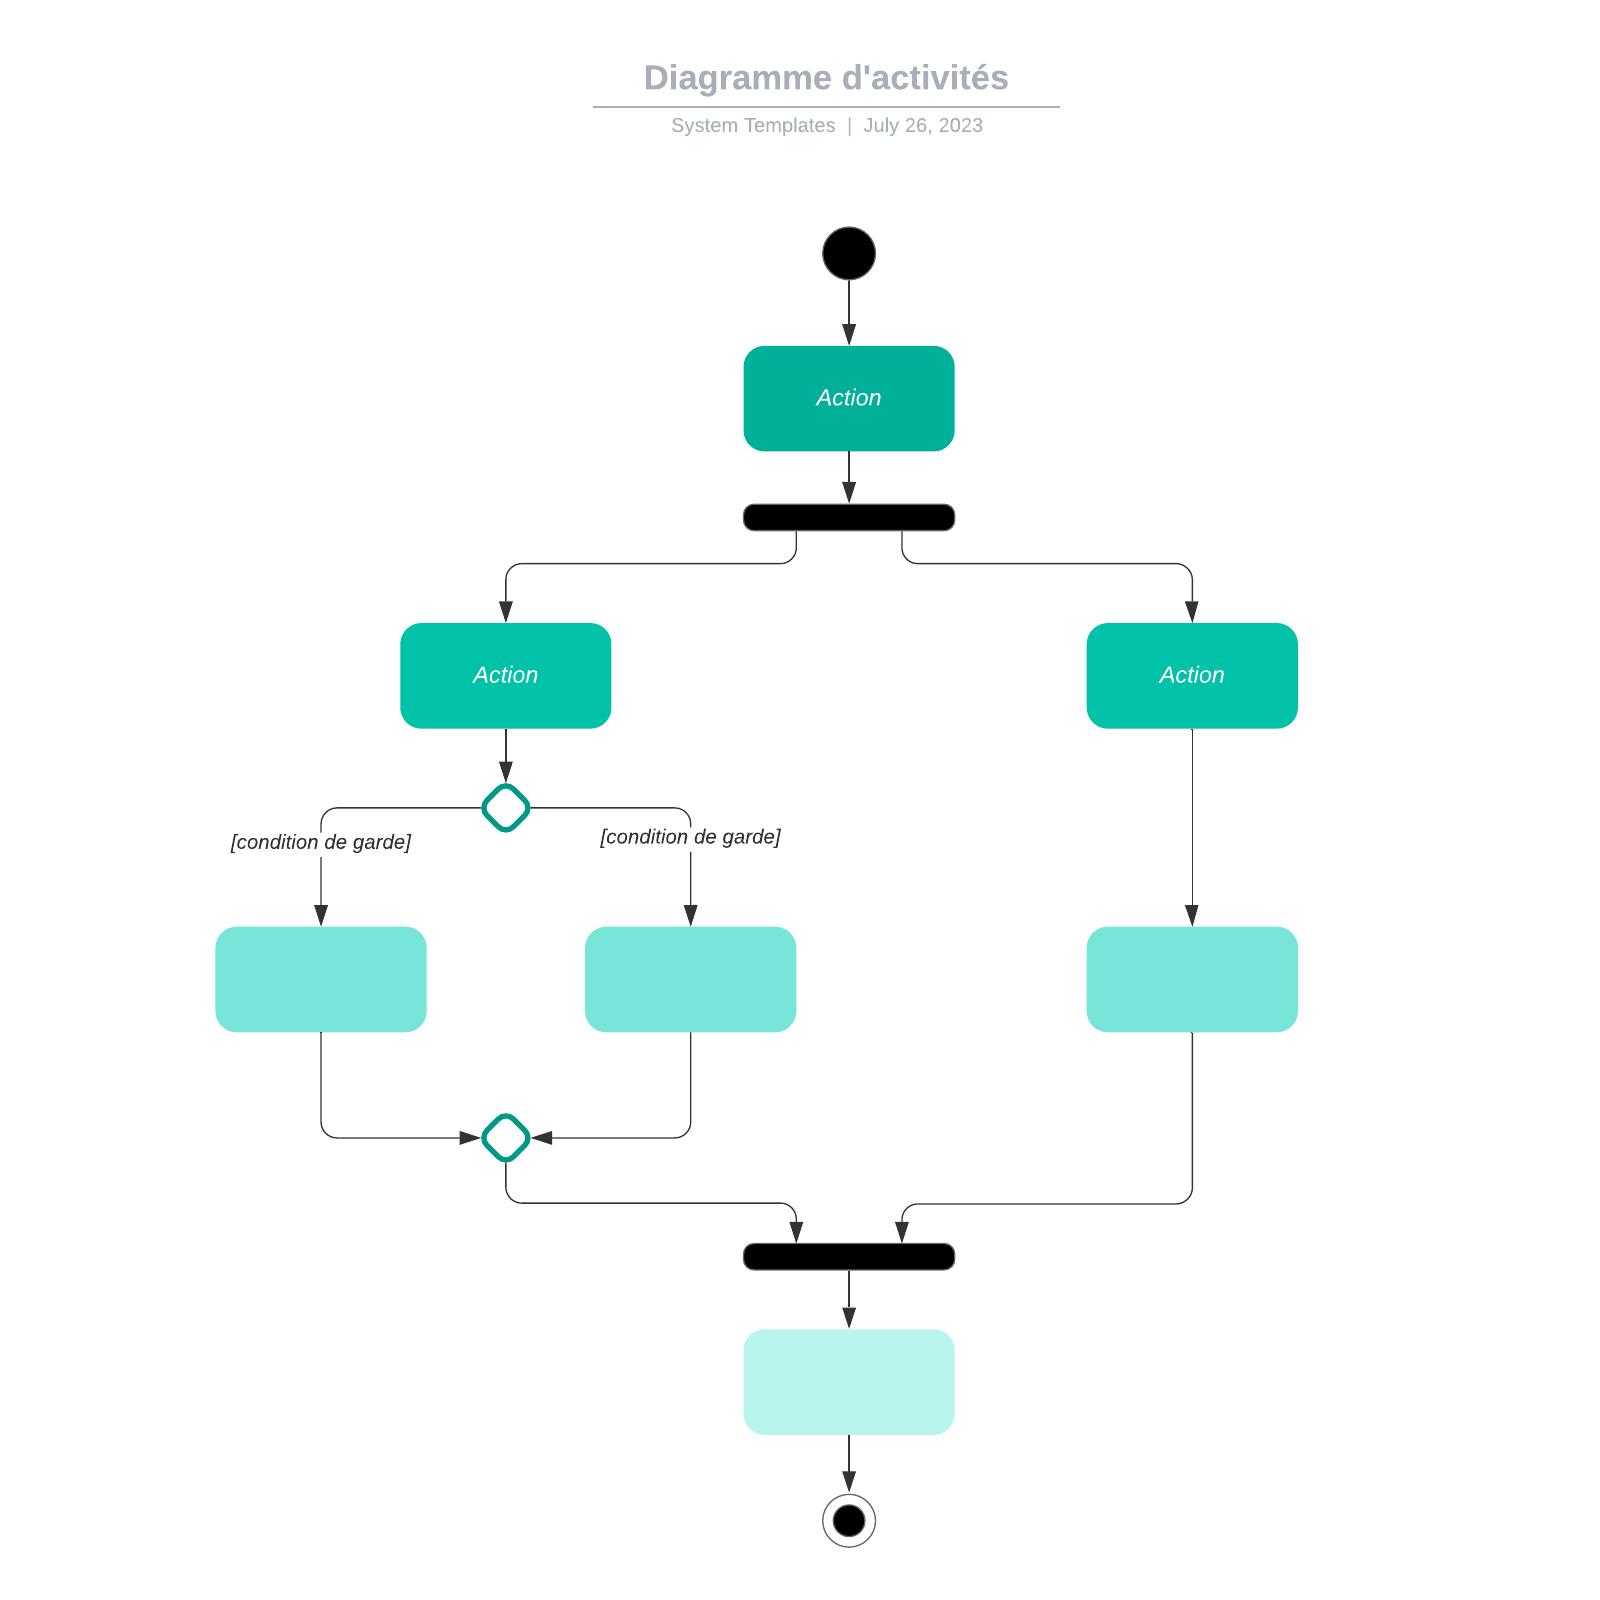 exemple de diagramme d'activités UML vierge